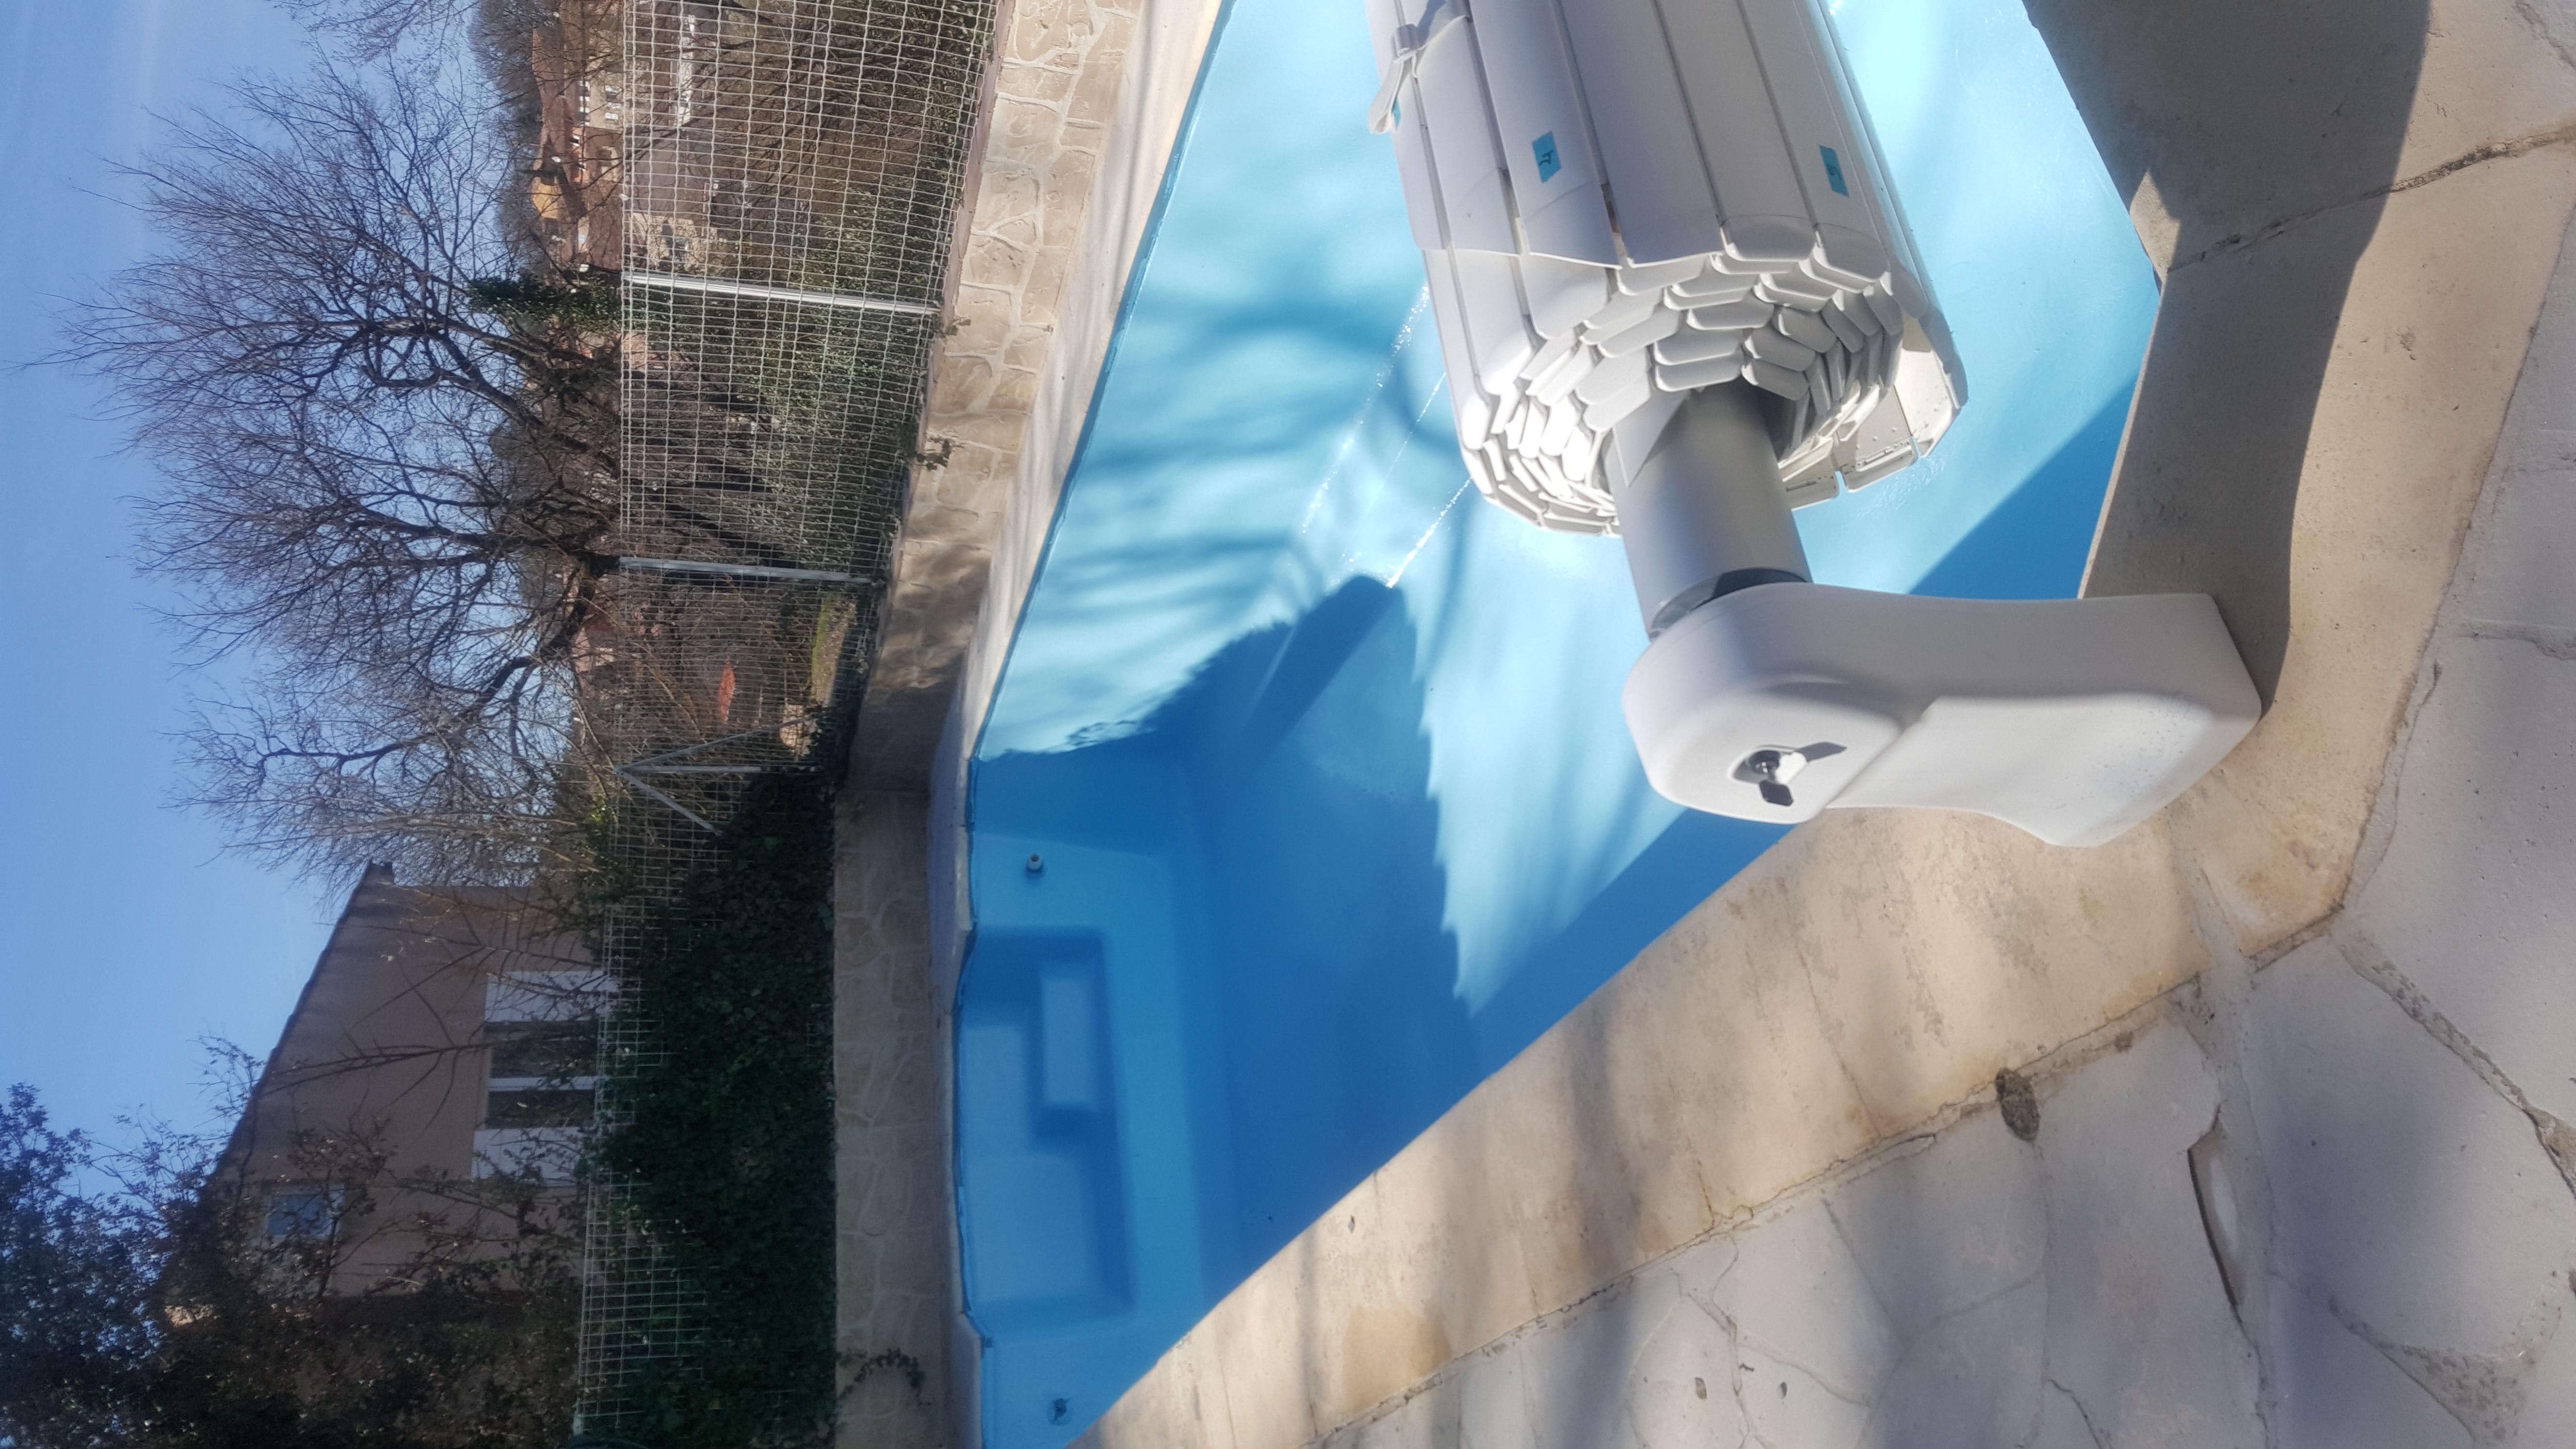 R novation piscine rev tement polyester var - Renovation piscine coque polyester ...